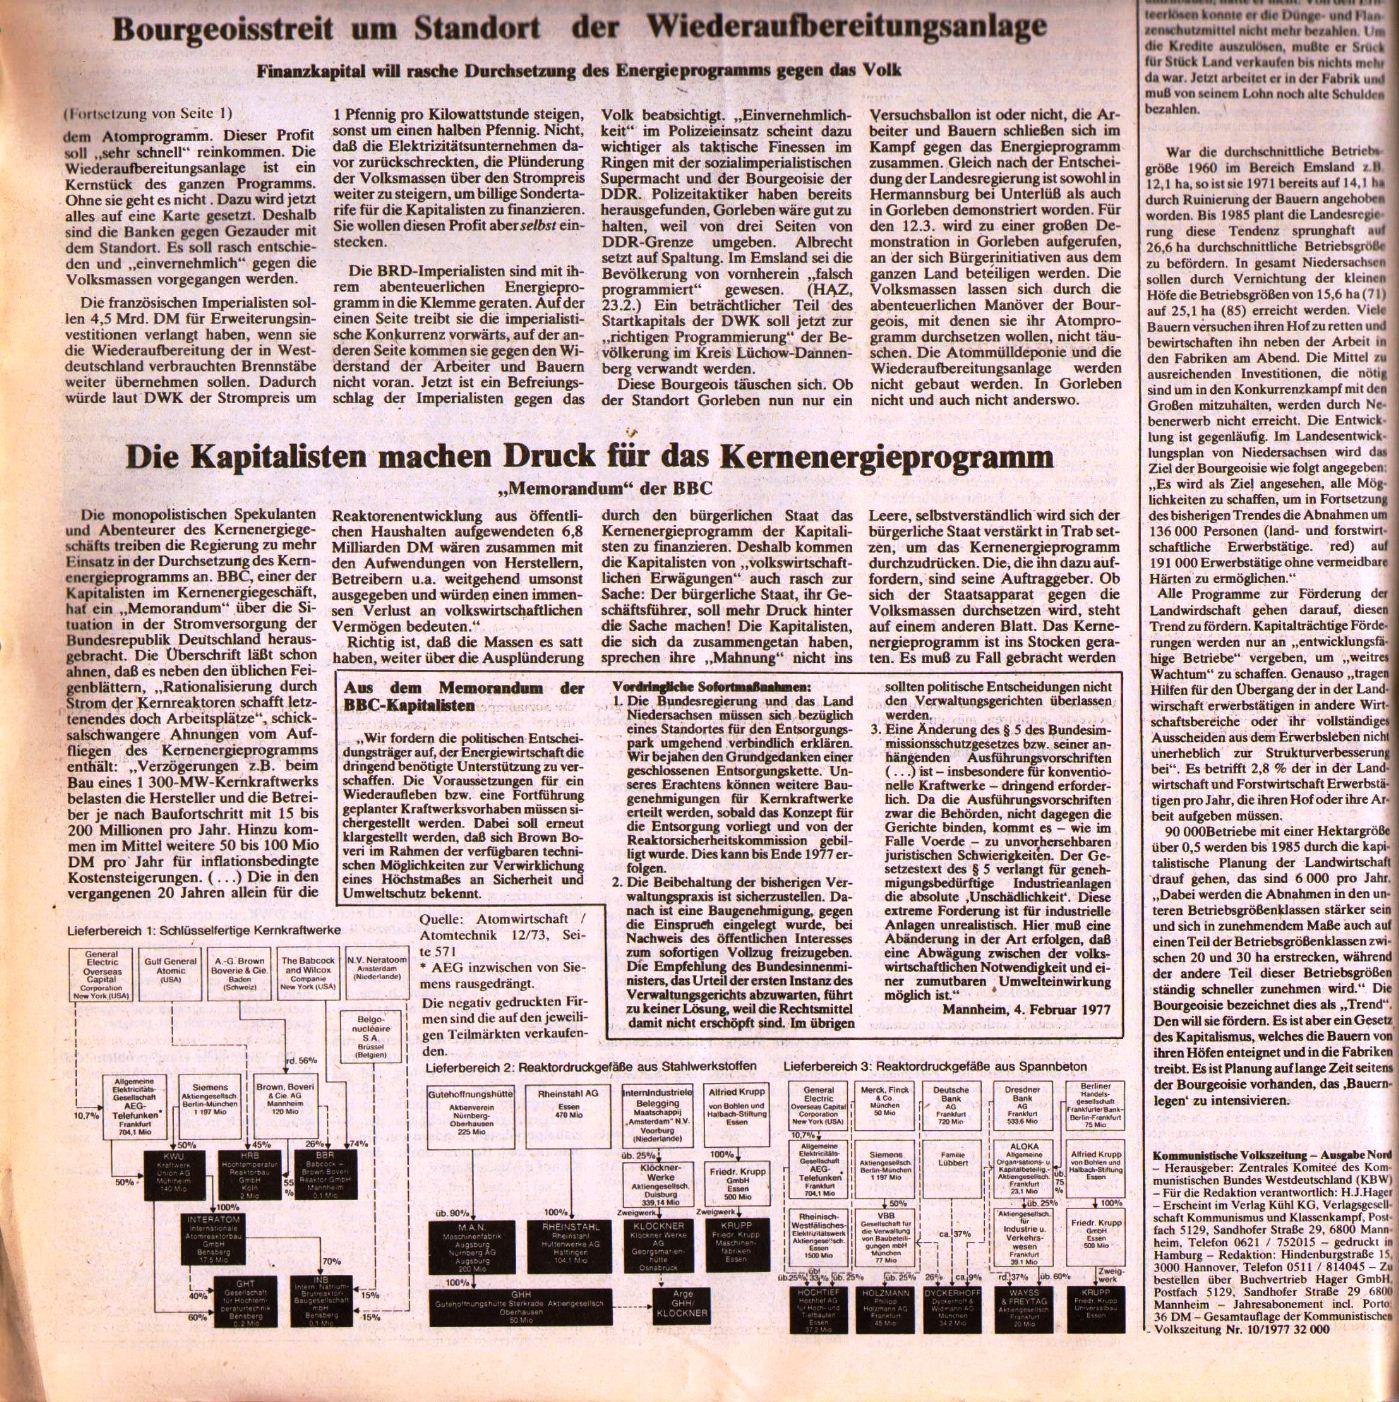 KVZ_Nord_1977_10_04